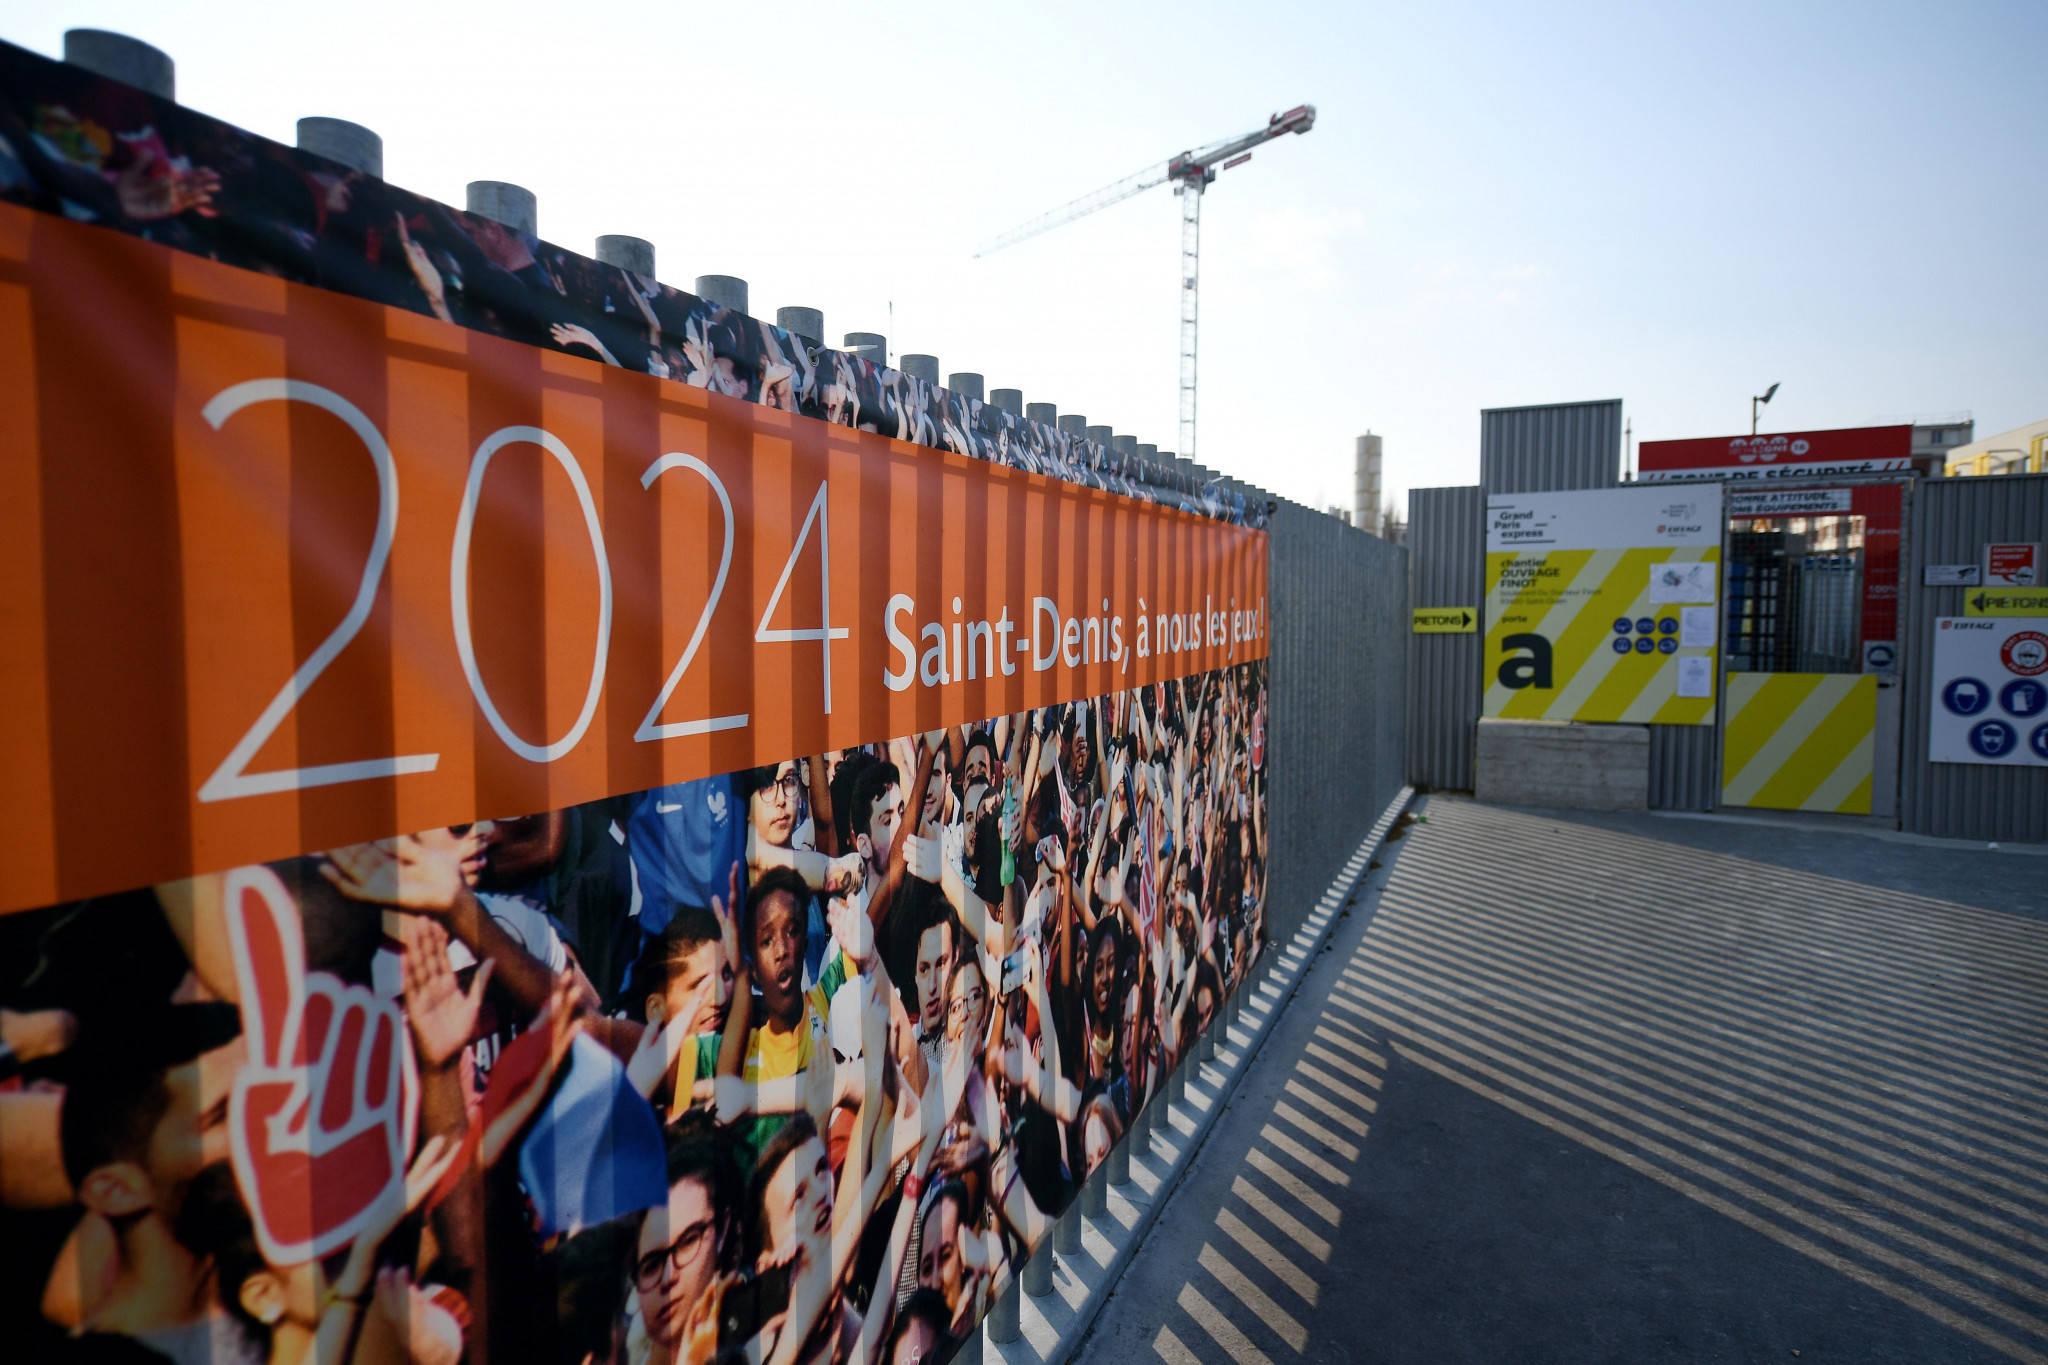 2024巴黎批准更改游水排球场馆 减少奥运会本钱